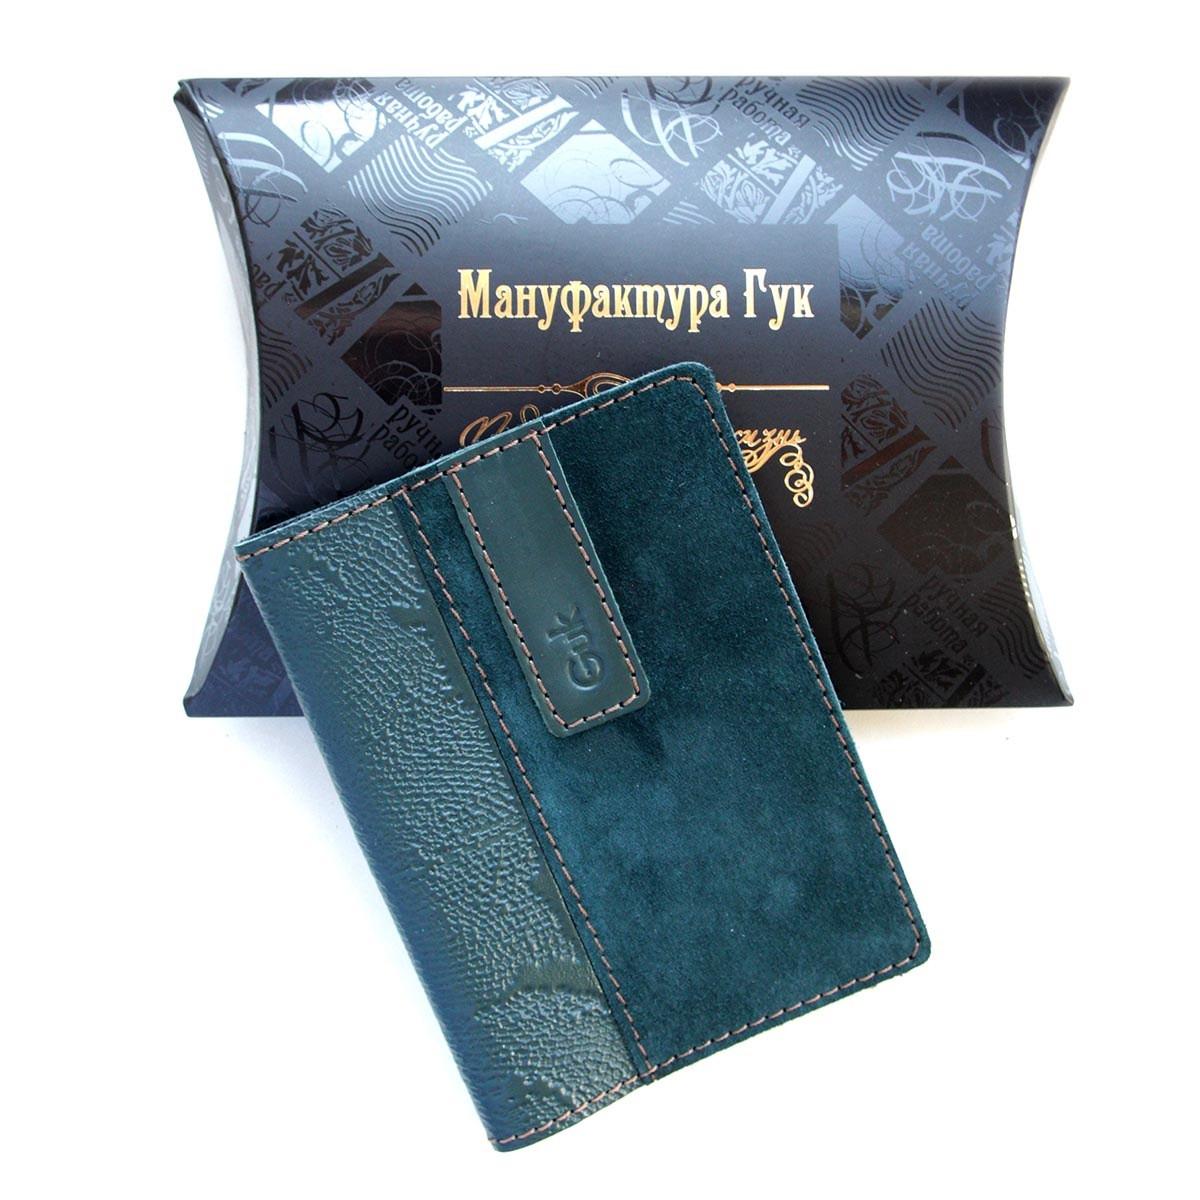 Обложка на паспорт мягкая из натуральной кожи и замша (Guk)